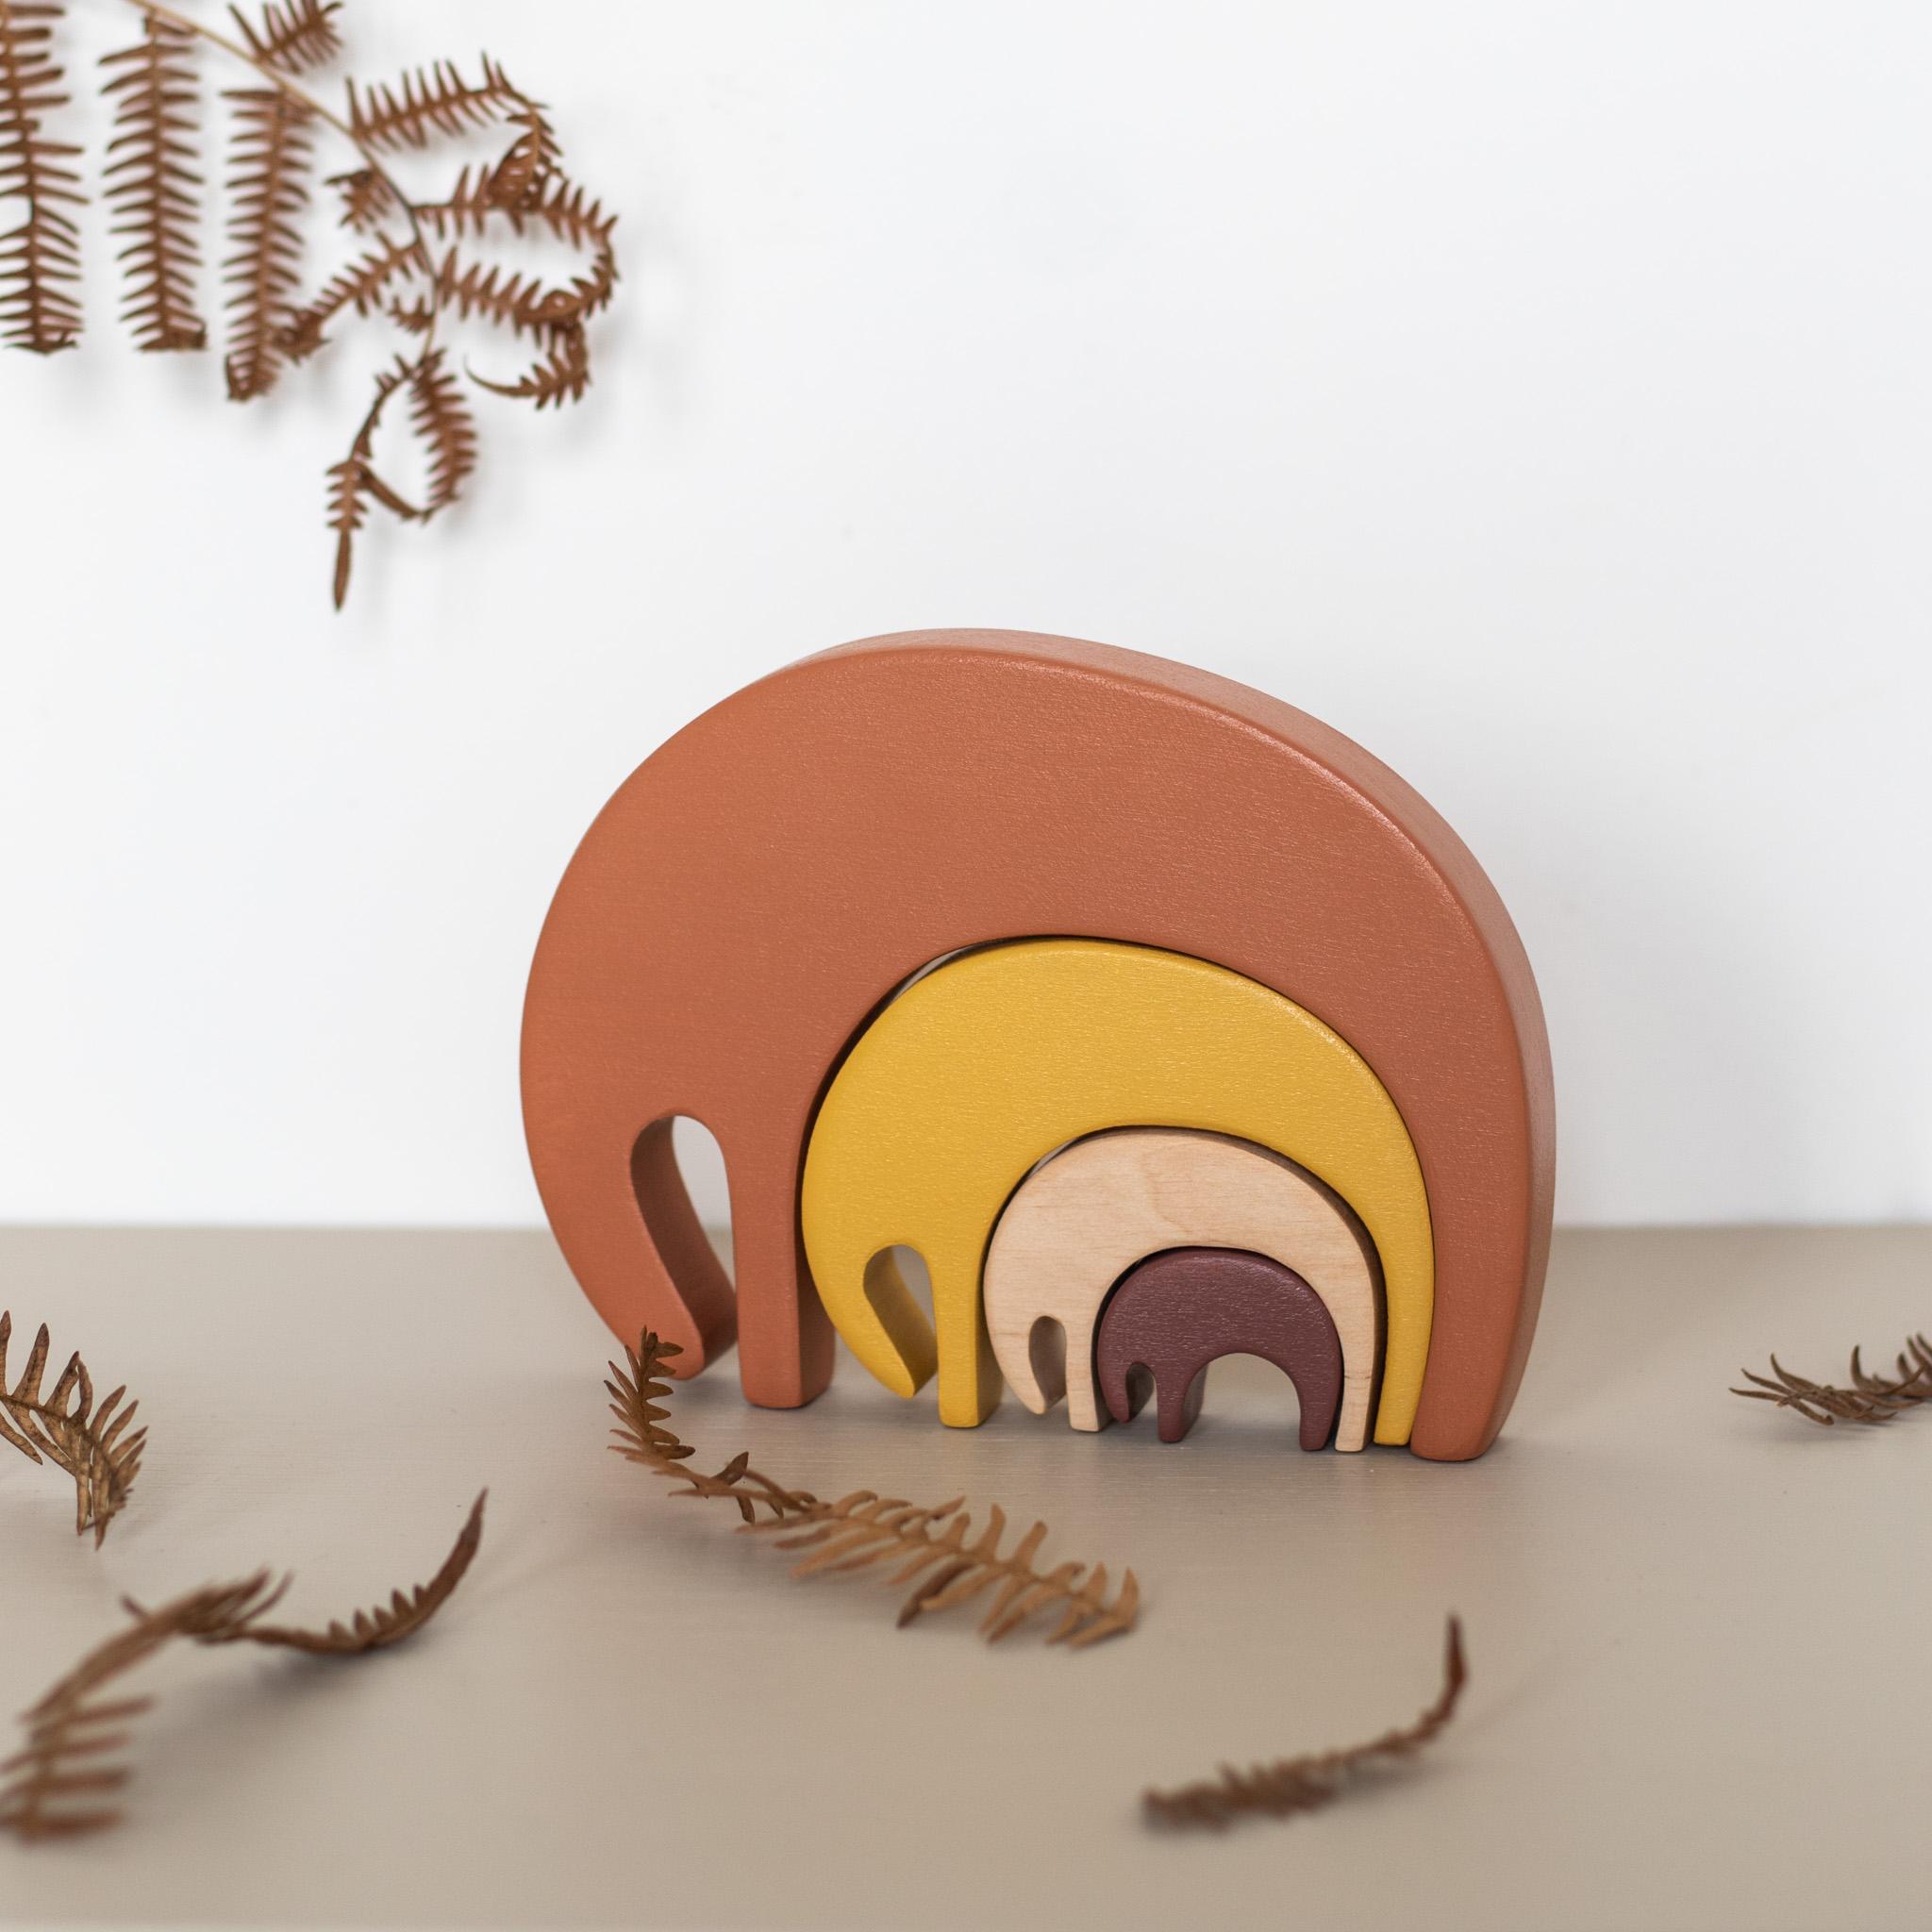 Prénom Paloma en fleurs séchées et jouet en bois Sarah and Bendrix pour enfant, fabriqué par Trendy Little